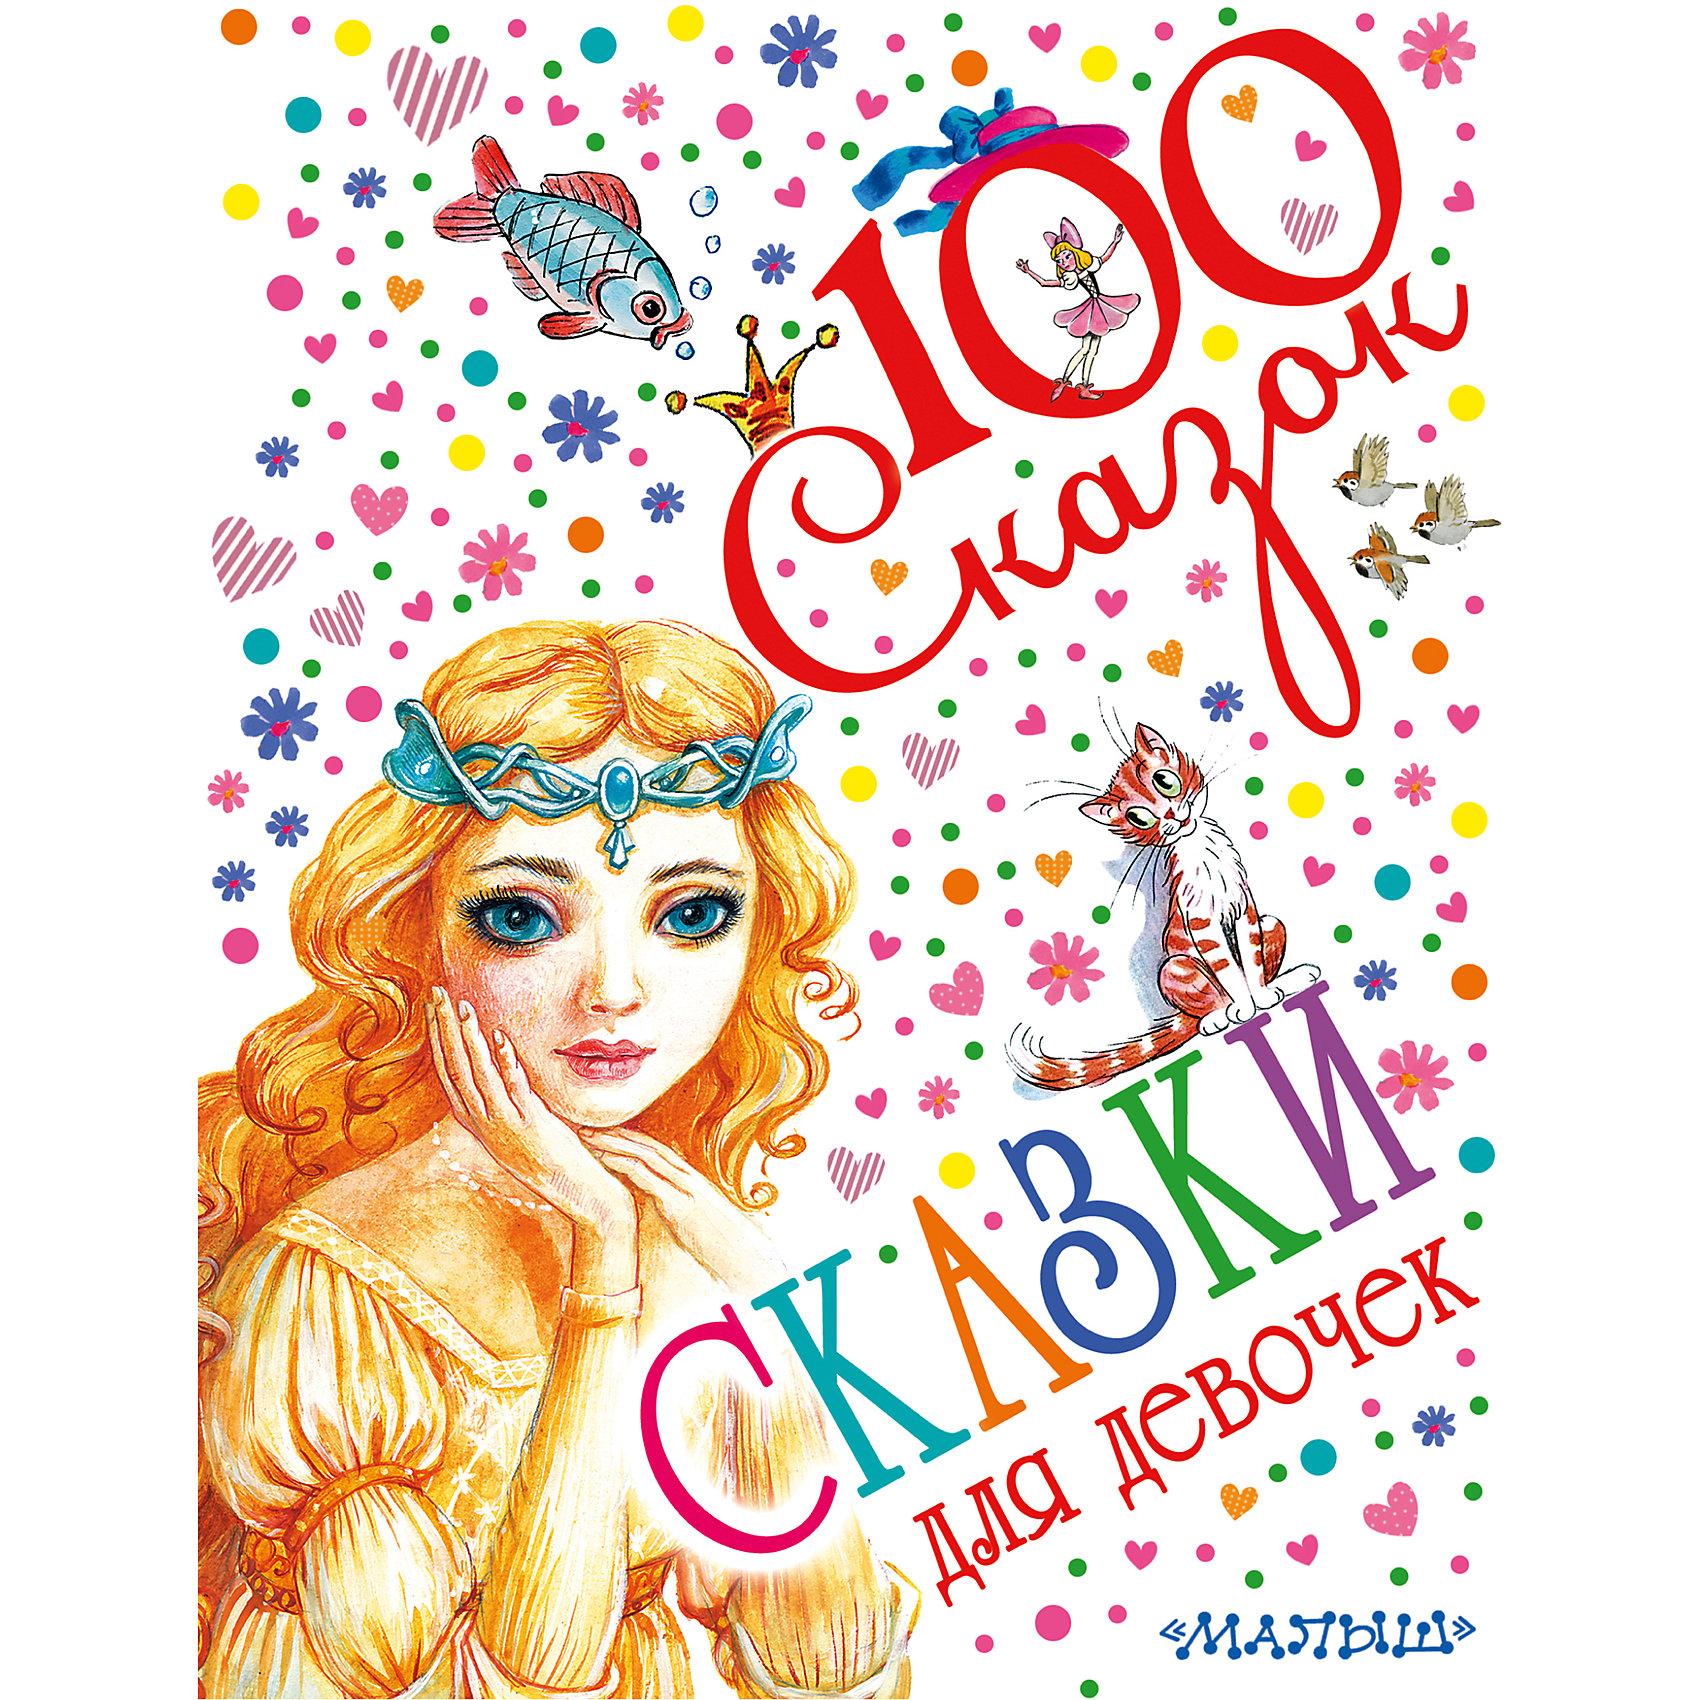 Сказки для девочек, серия 100 сказокМАЛЫШ<br>Чудесный сборник  Сказки для девочек вобрал в себя все мудрость отечественных и зарубежных сказок. Это настоящий путеводитель в мир потрясающих персонажей, созданных любимейшими детскими писателями. Так же книга обогащена народными сказками. Эта книжка прекрасно подойдет для девчонок: они придут в восторг от нежных и прекрасных иллюстраций, украшающих каждую сказку. Прочитав прекрасные сказки девочки научатся доброте, благородству и любви к природе. Благодаря четкому шрифту ребенок сможет не только слушать замечательные сказки, но и учиться читать по этому сборнику. Благодаря удобному формату книга станет надежным спутником в путешествиях с ребенком.<br><br>Дополнительная информация:<br><br>- Количество страниц: 224;<br>- Авторы: Прокофьева С. Л., Маршак С. Я., Мукосеева В. А.;<br>- Художники: Трепенок Н. А., Бордюг С. И.,  Власова А. Ю. , Зеброва Т. А.;<br>- Прекрасные иллюстрации;<br>- Легко учиться читать;<br>- Твердая обложка;<br>- Размер книги: 23 х 21 х 3 см;<br>- Вес: 980 г<br><br>Книгу Сказки для девочек можно купить в нашем интернет-магазине.<br><br>Ширина мм: 16<br>Глубина мм: 197<br>Высота мм: 255<br>Вес г: 910<br>Возраст от месяцев: 0<br>Возраст до месяцев: 36<br>Пол: Женский<br>Возраст: Детский<br>SKU: 4212599